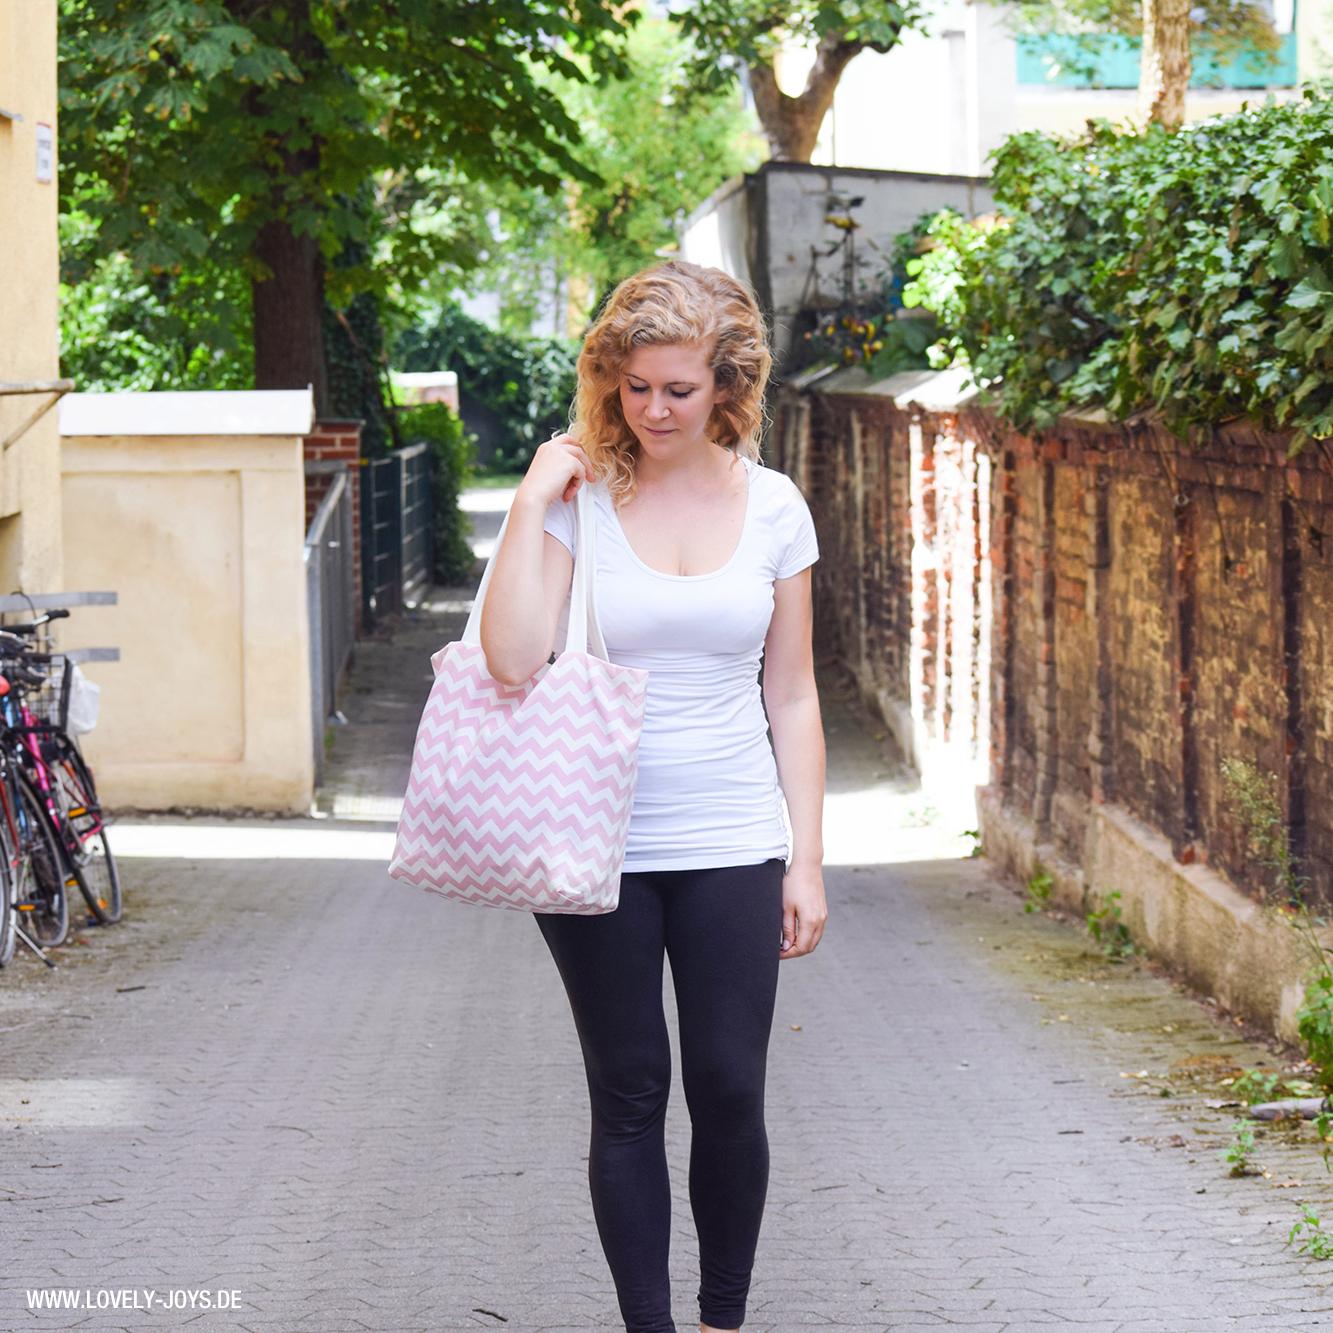 Frau Park Tasche rosa Chevron Muster blond locken